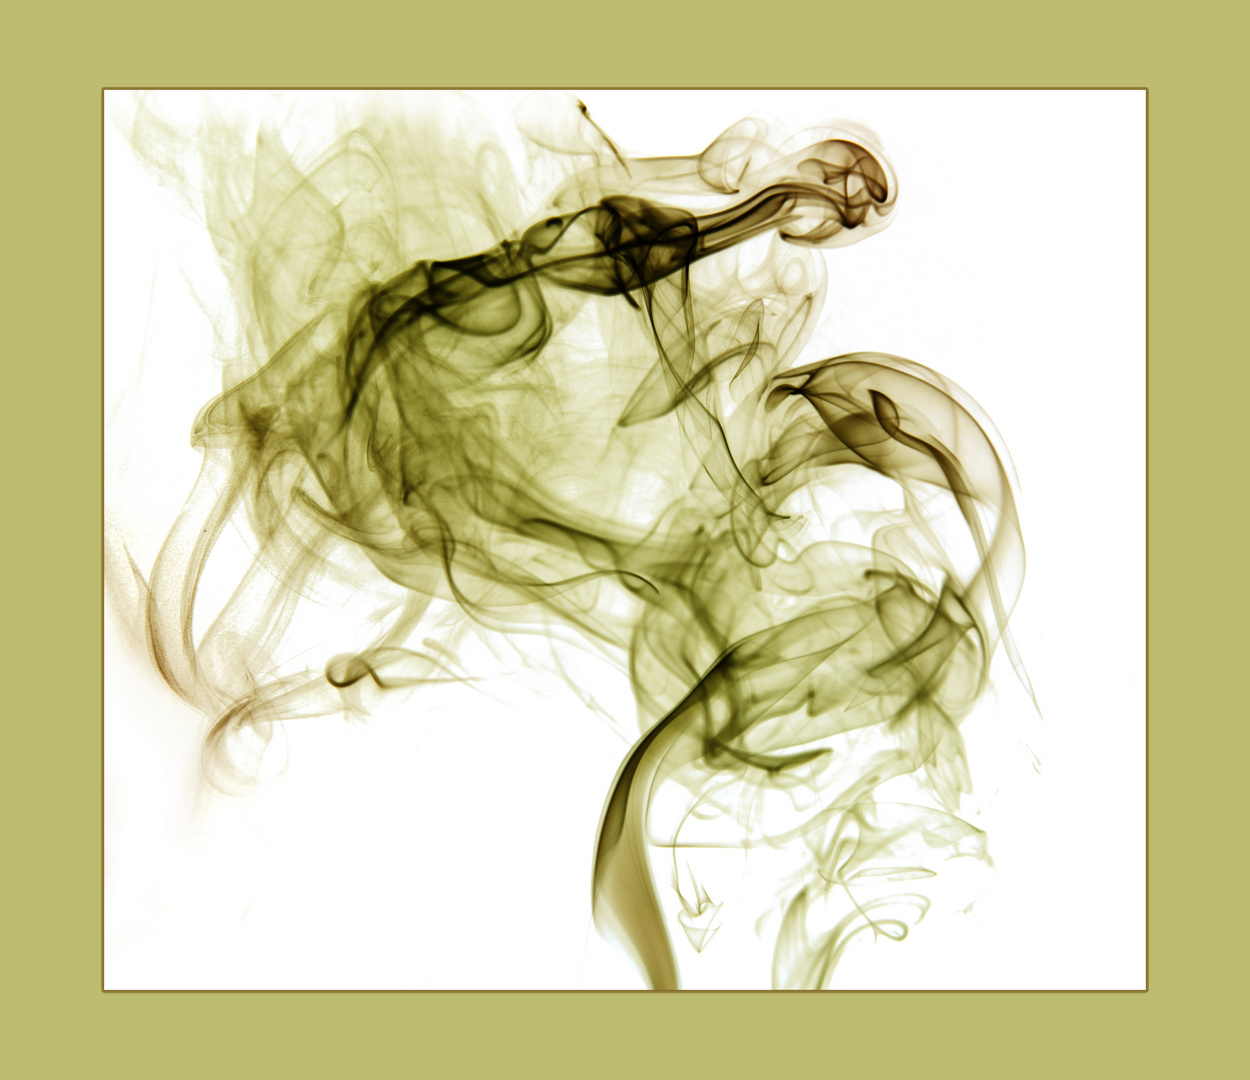 Rauchzeichen #2